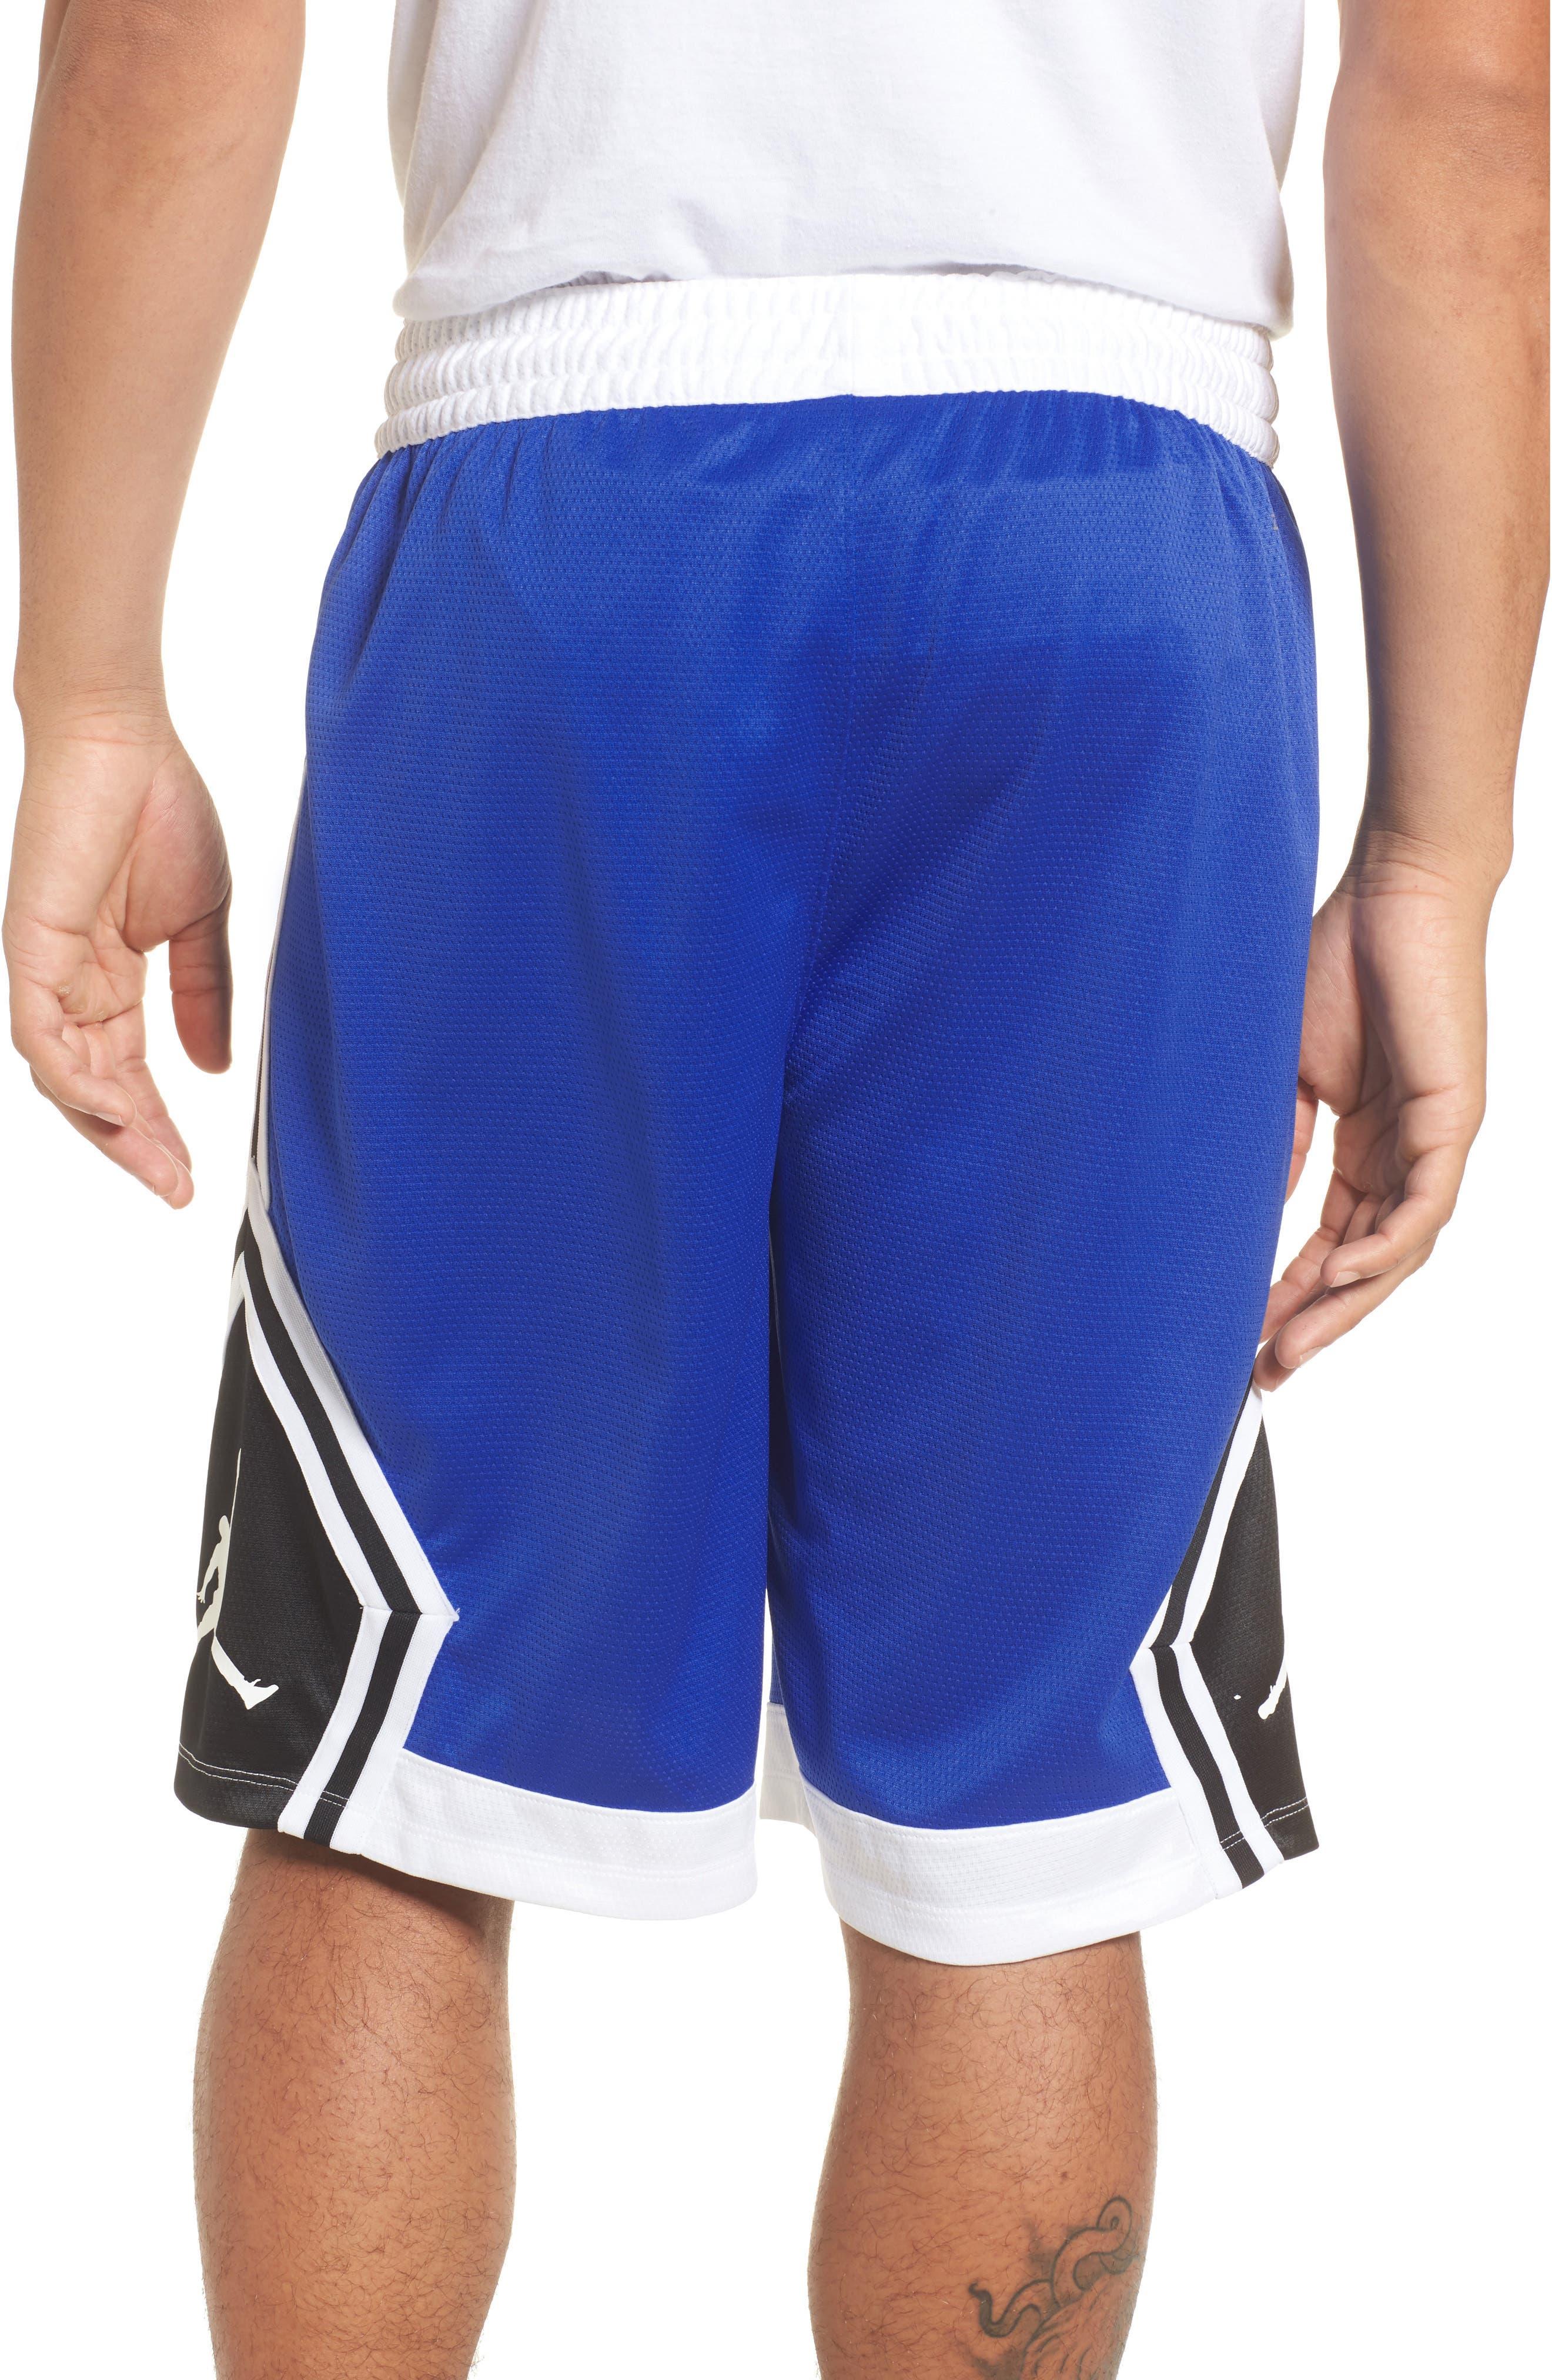 Sportswear Rise Diamond Shorts,                             Alternate thumbnail 11, color,